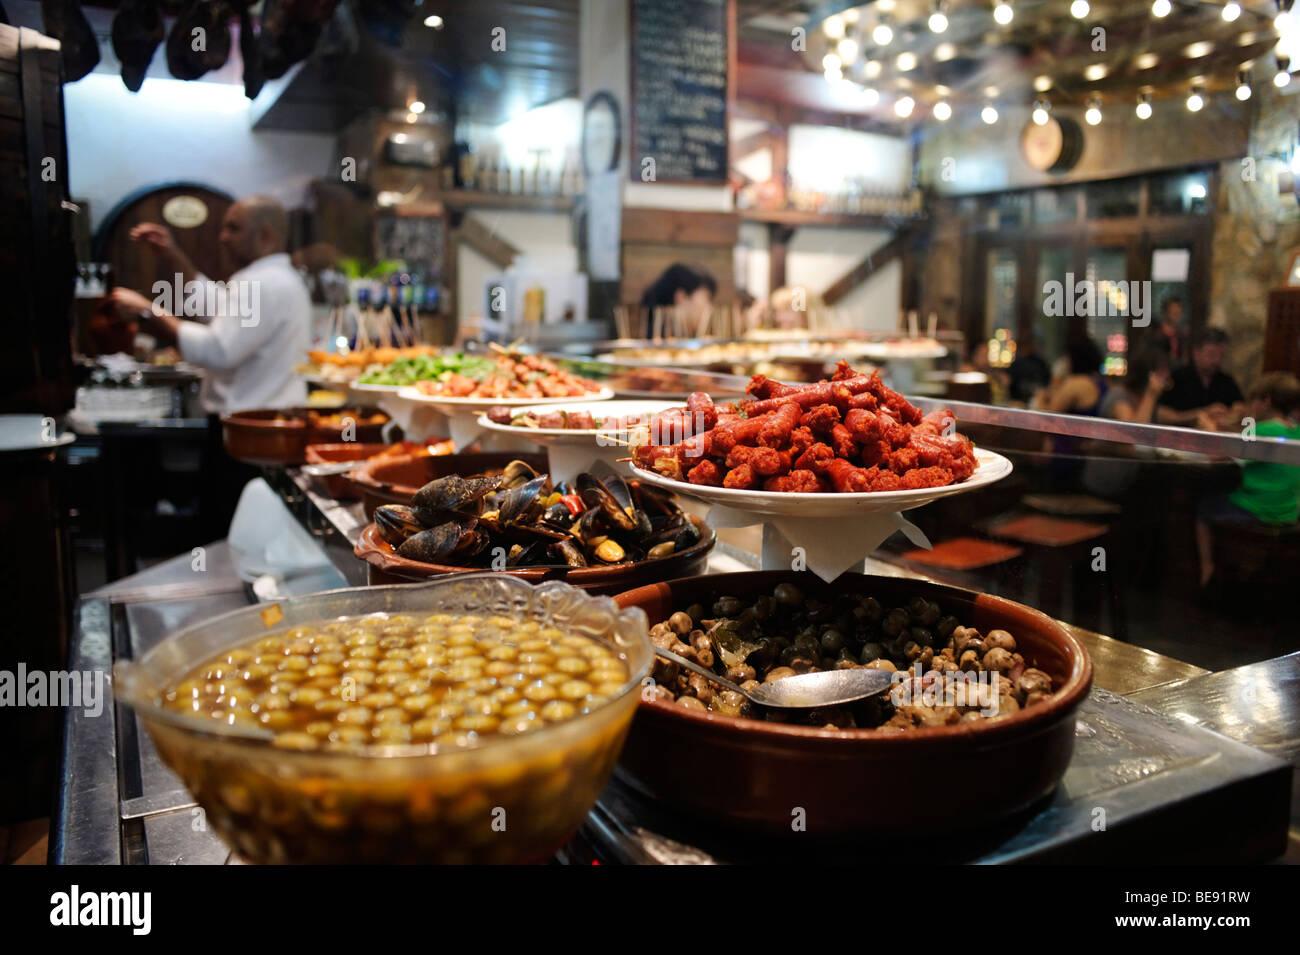 Sélection de tapas dans un bar. Barri Gotic. Barcelone. Espagne Photo Stock